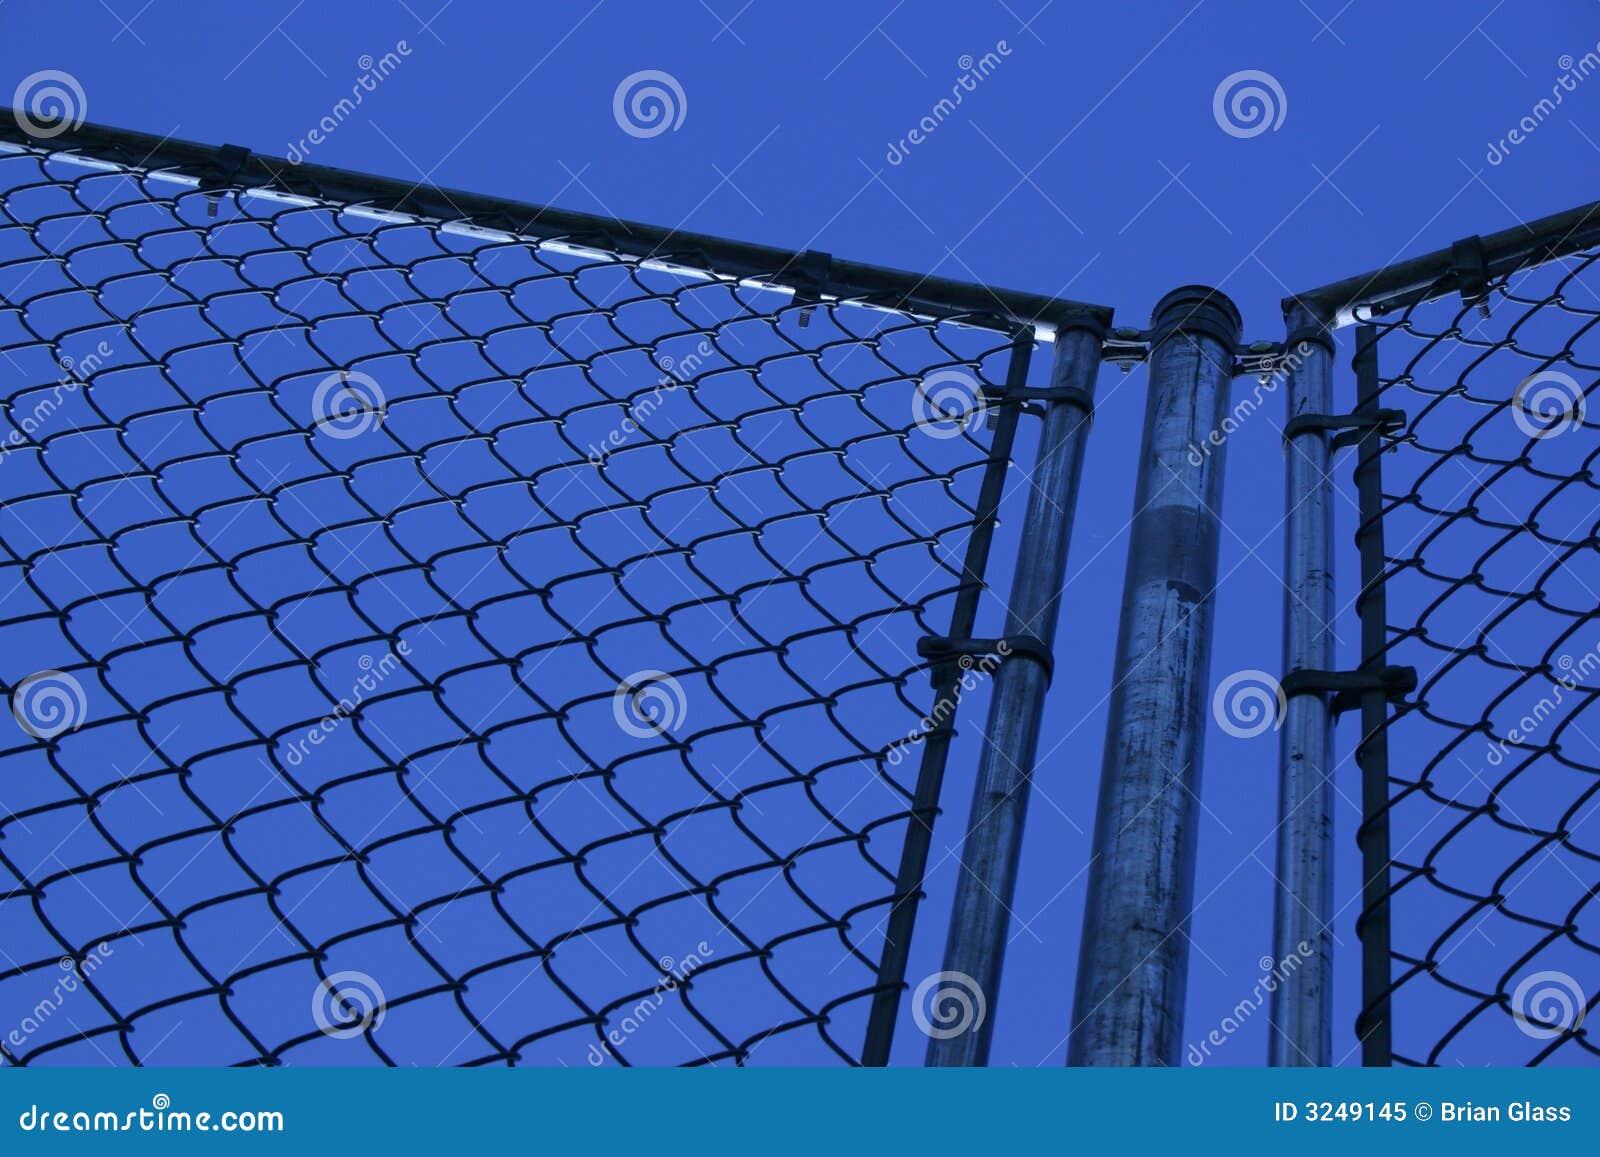 Frontière de sécurité et ciel bleu